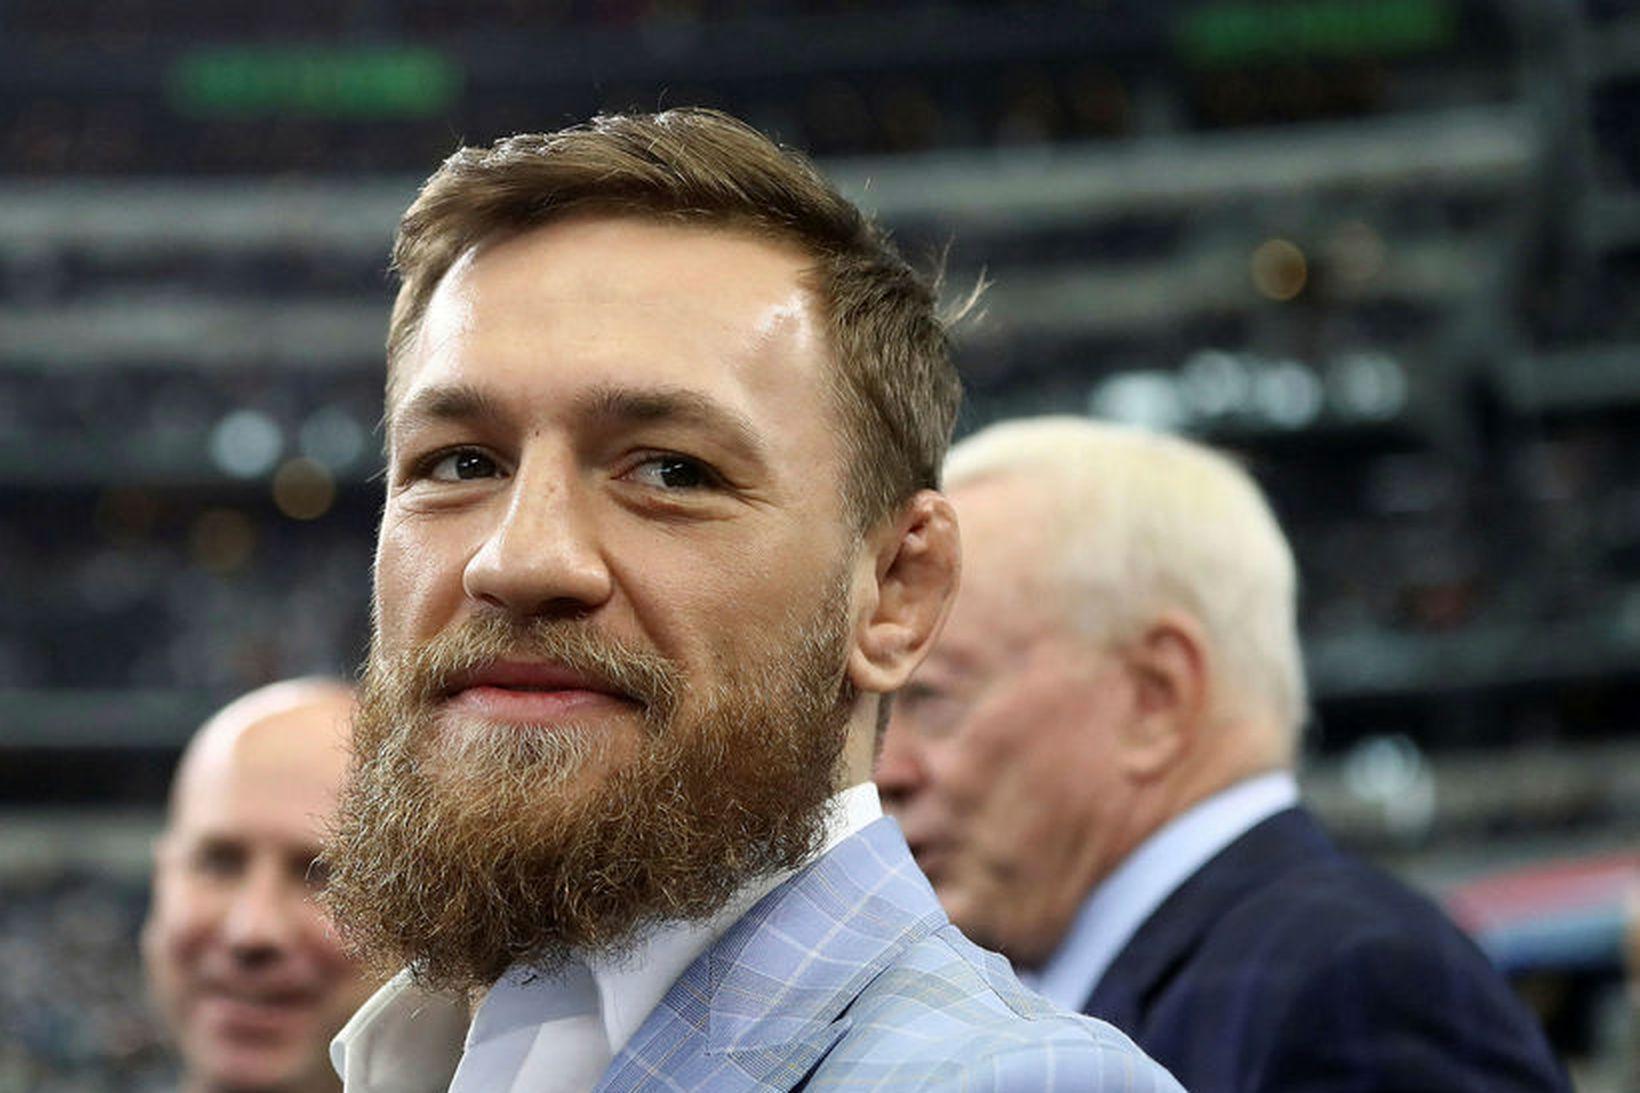 Conor McGregor hefur verið handtekinn oftar en einu sinni á …